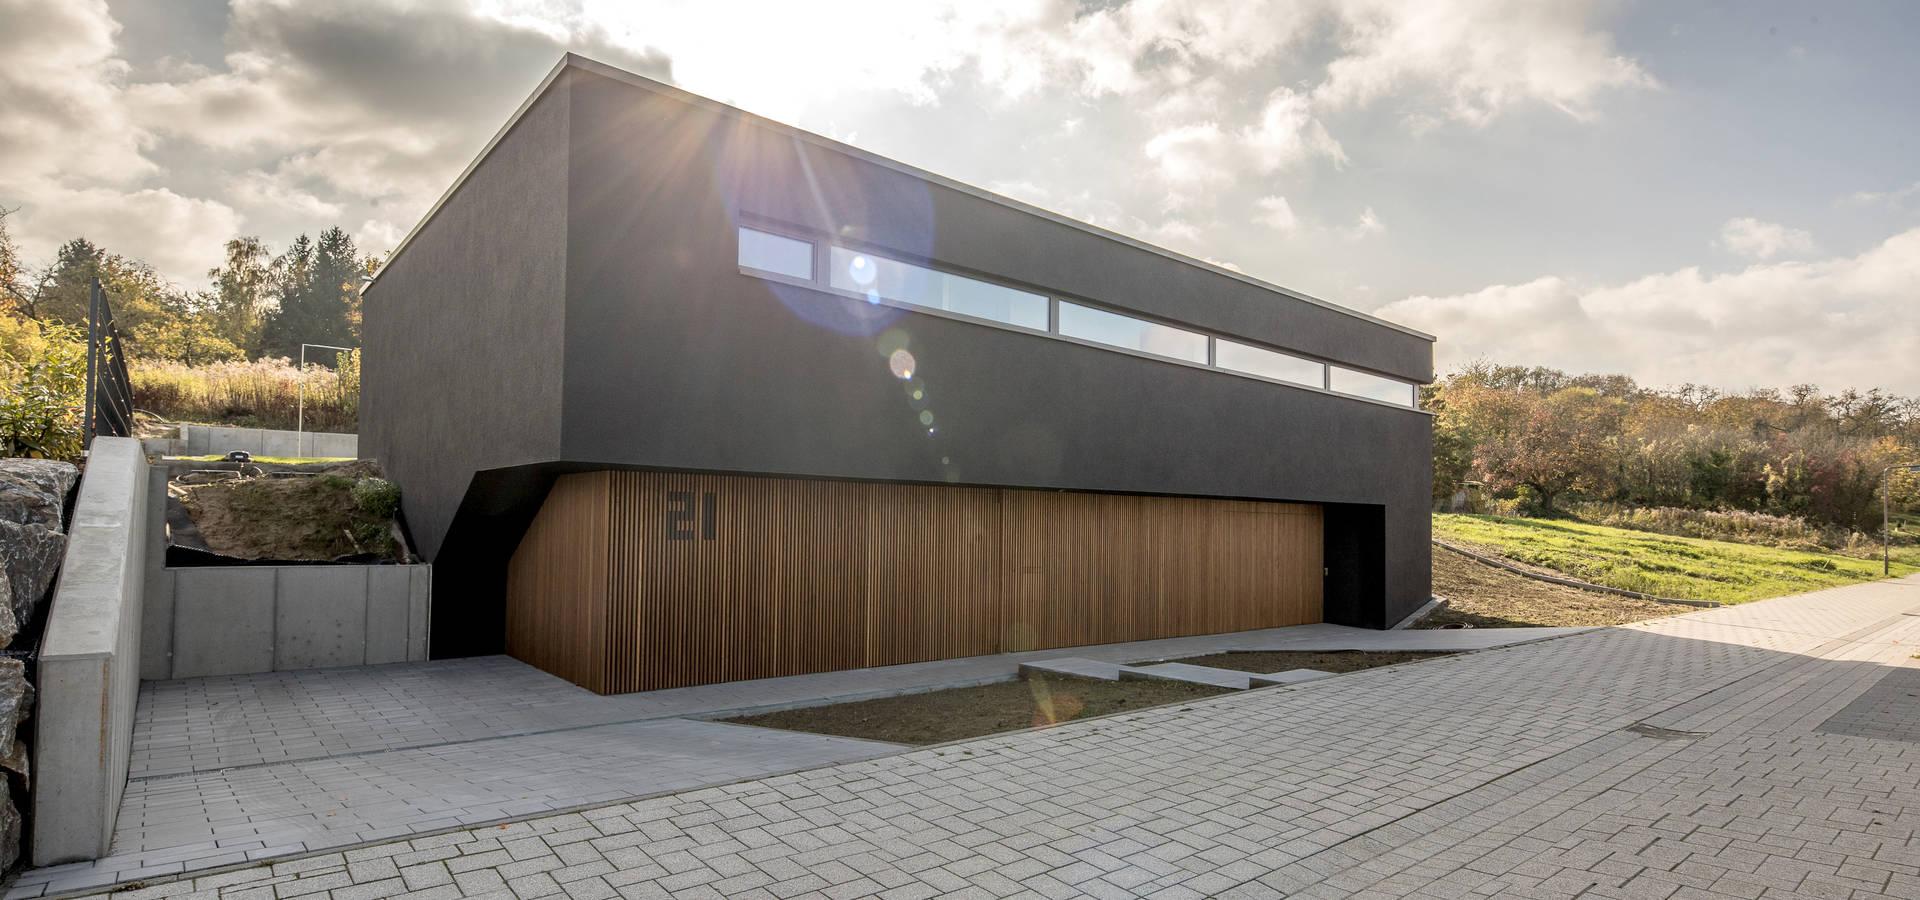 Anspruchsvoll Henecka Das Beste Von Architekten